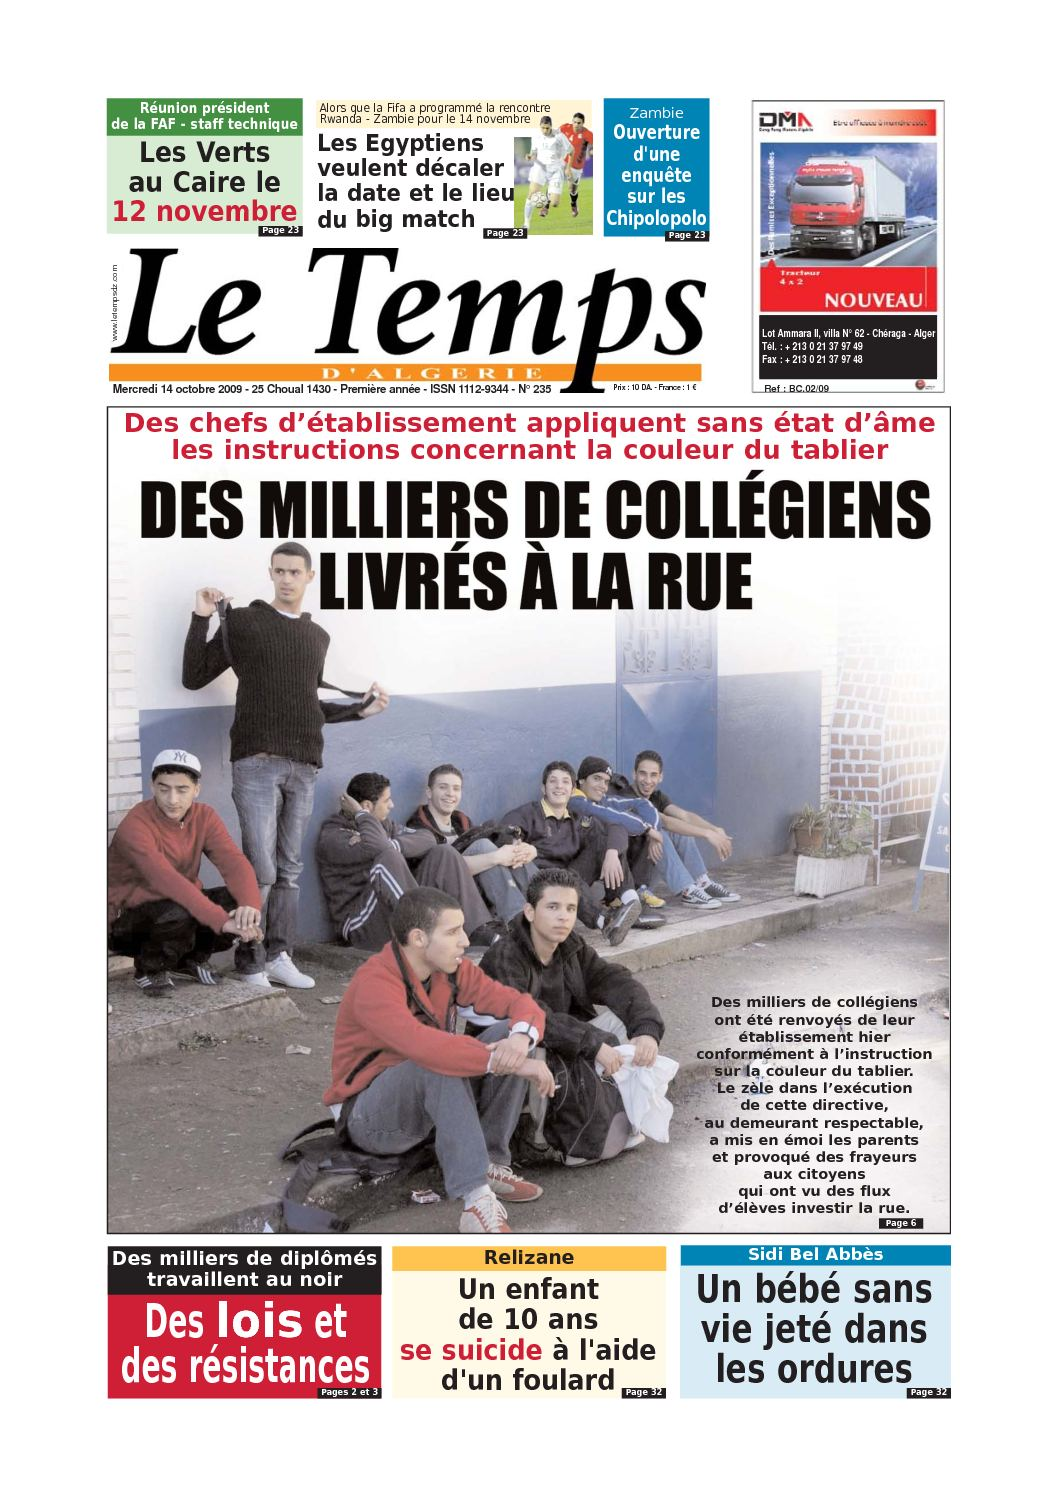 ecde0d26523ea5 Calaméo - Le Temps d'Algérie www.letempsdz.com édition du 14 octobre2009